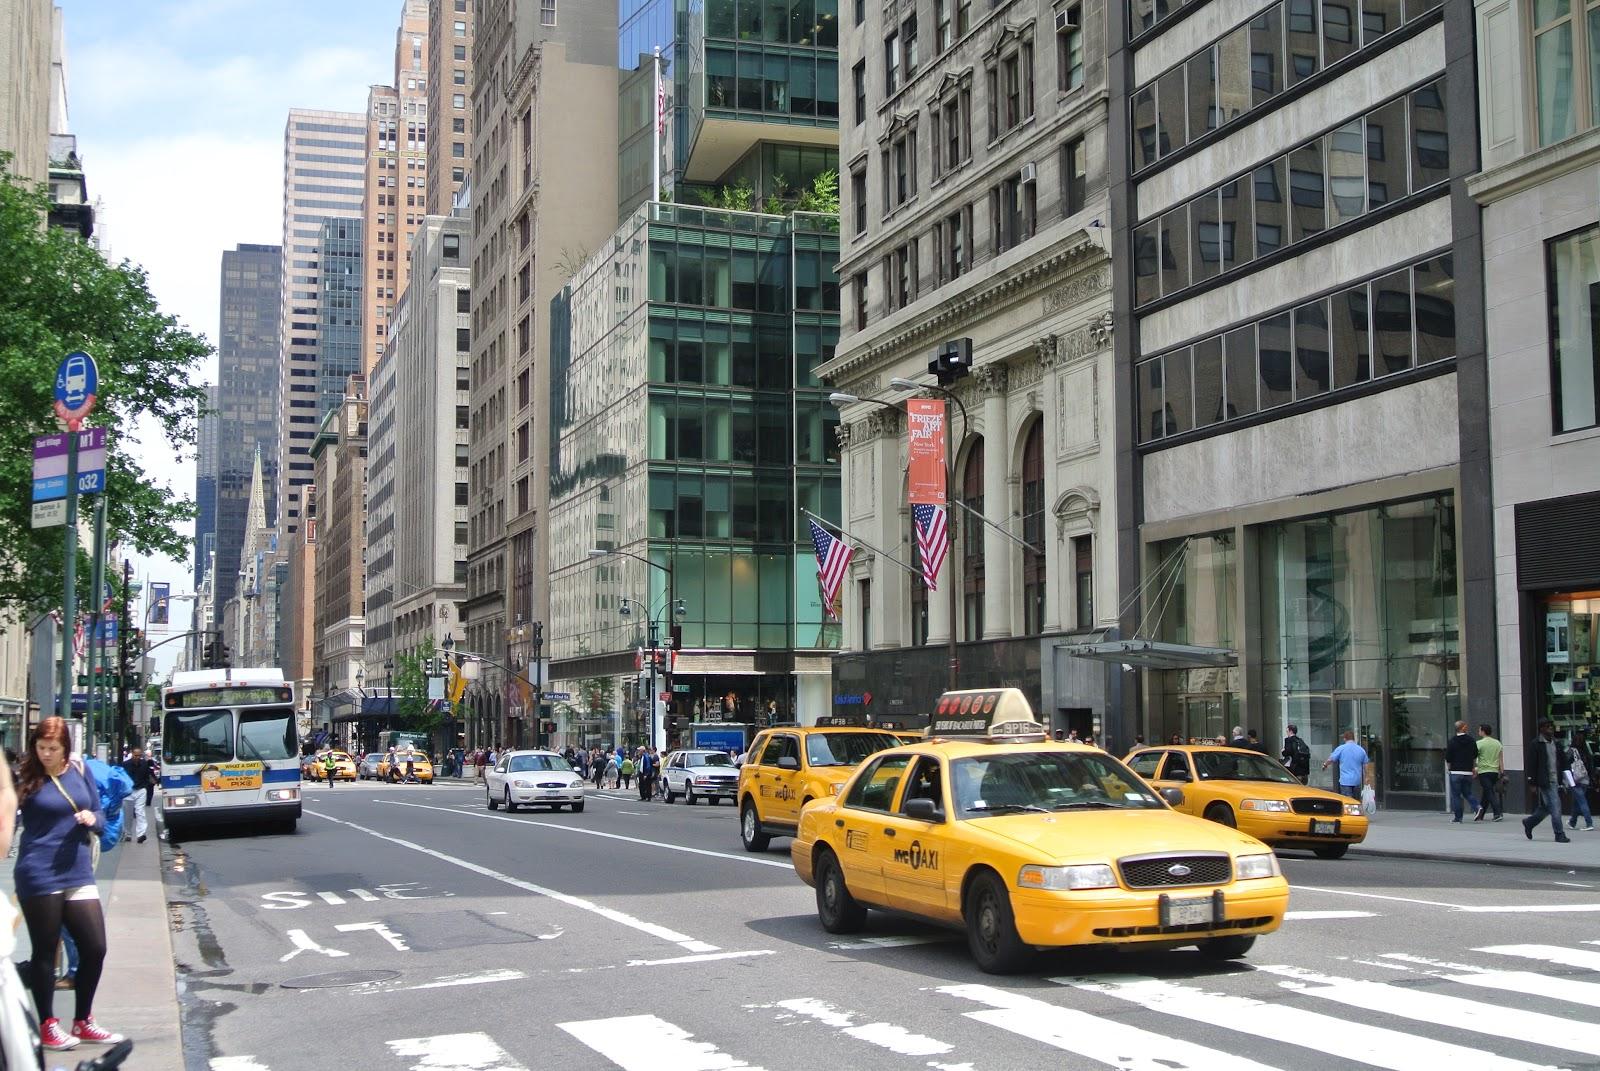 New York Vehicles